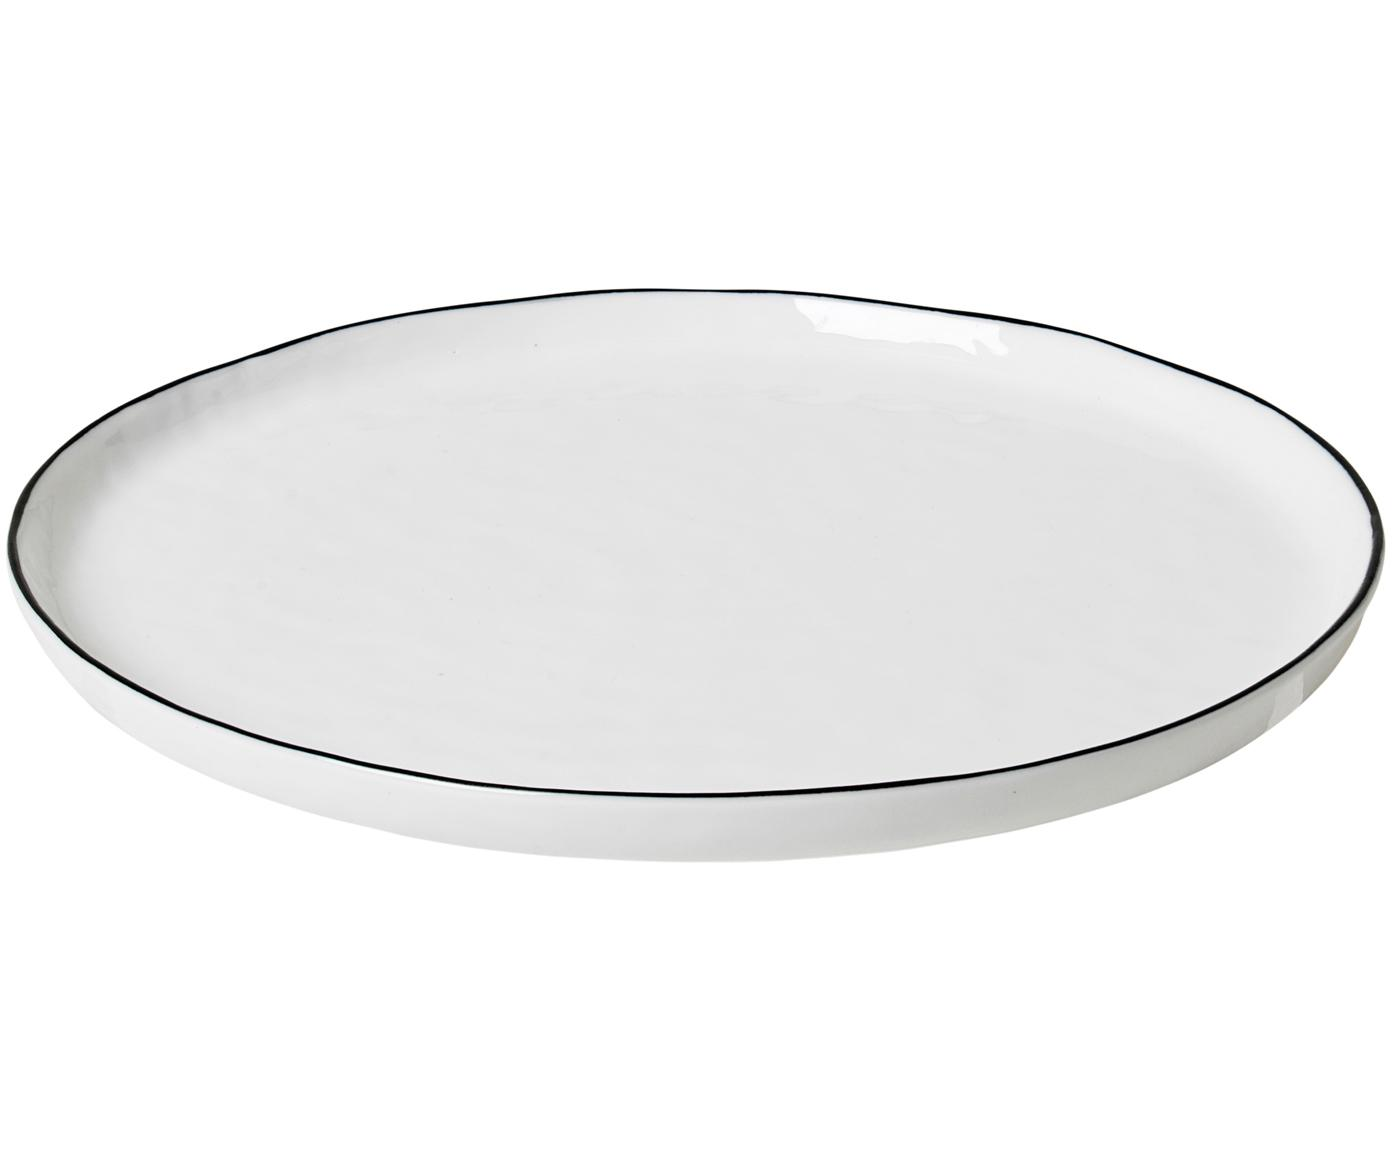 Handgemaakte ontbijtborden Salt, 4 stuks, Porselein, Gebroken wit, zwart, Ø 22 cm